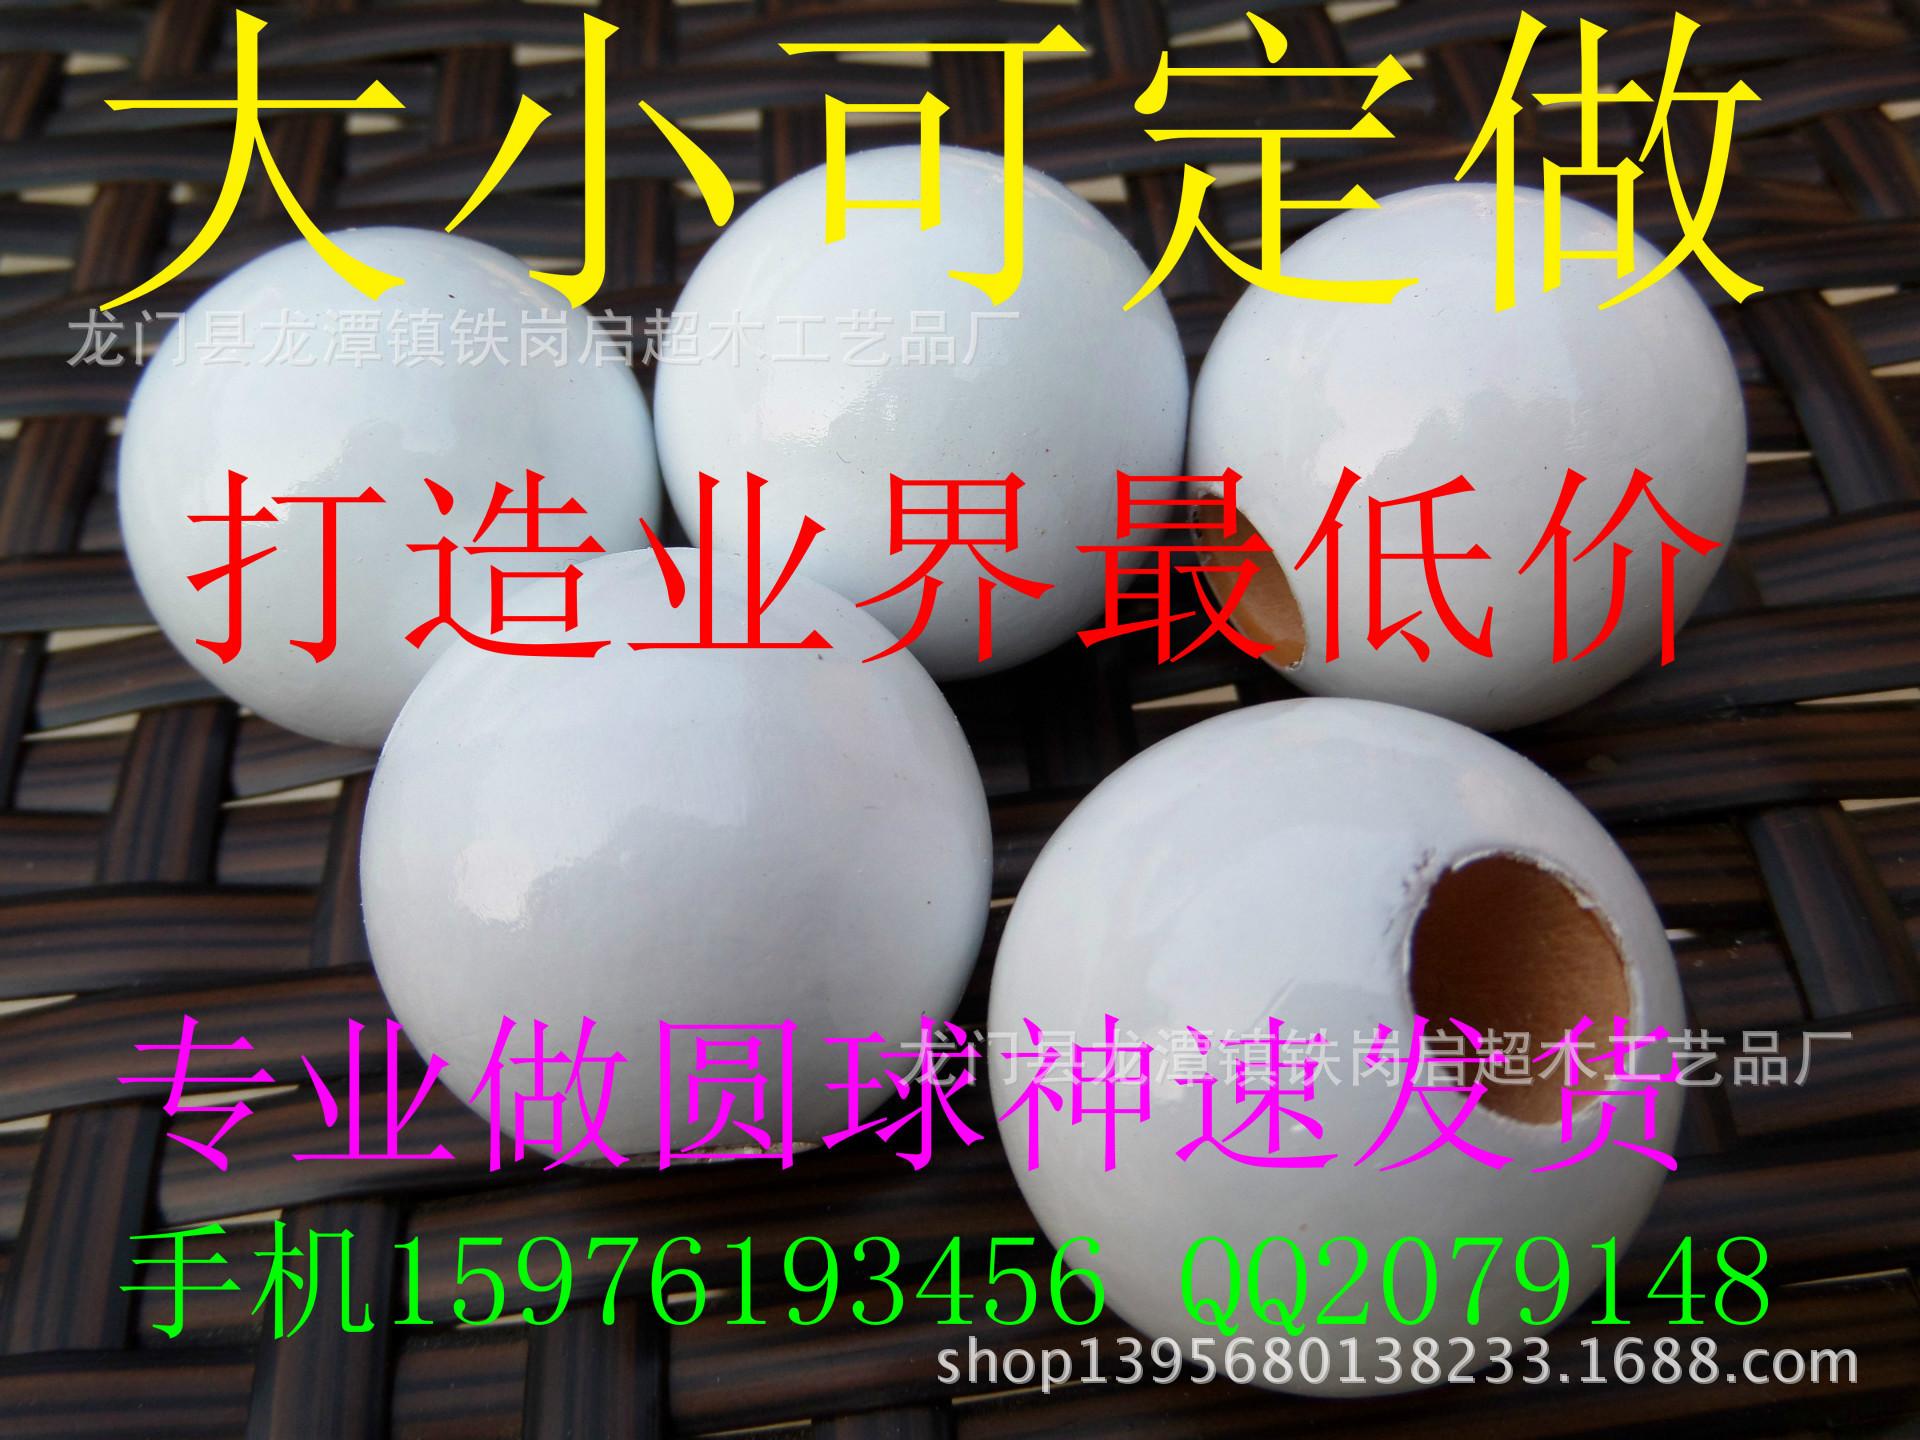 厂家直销各式木器配件 荷木木手柄 圆球 欢迎定购